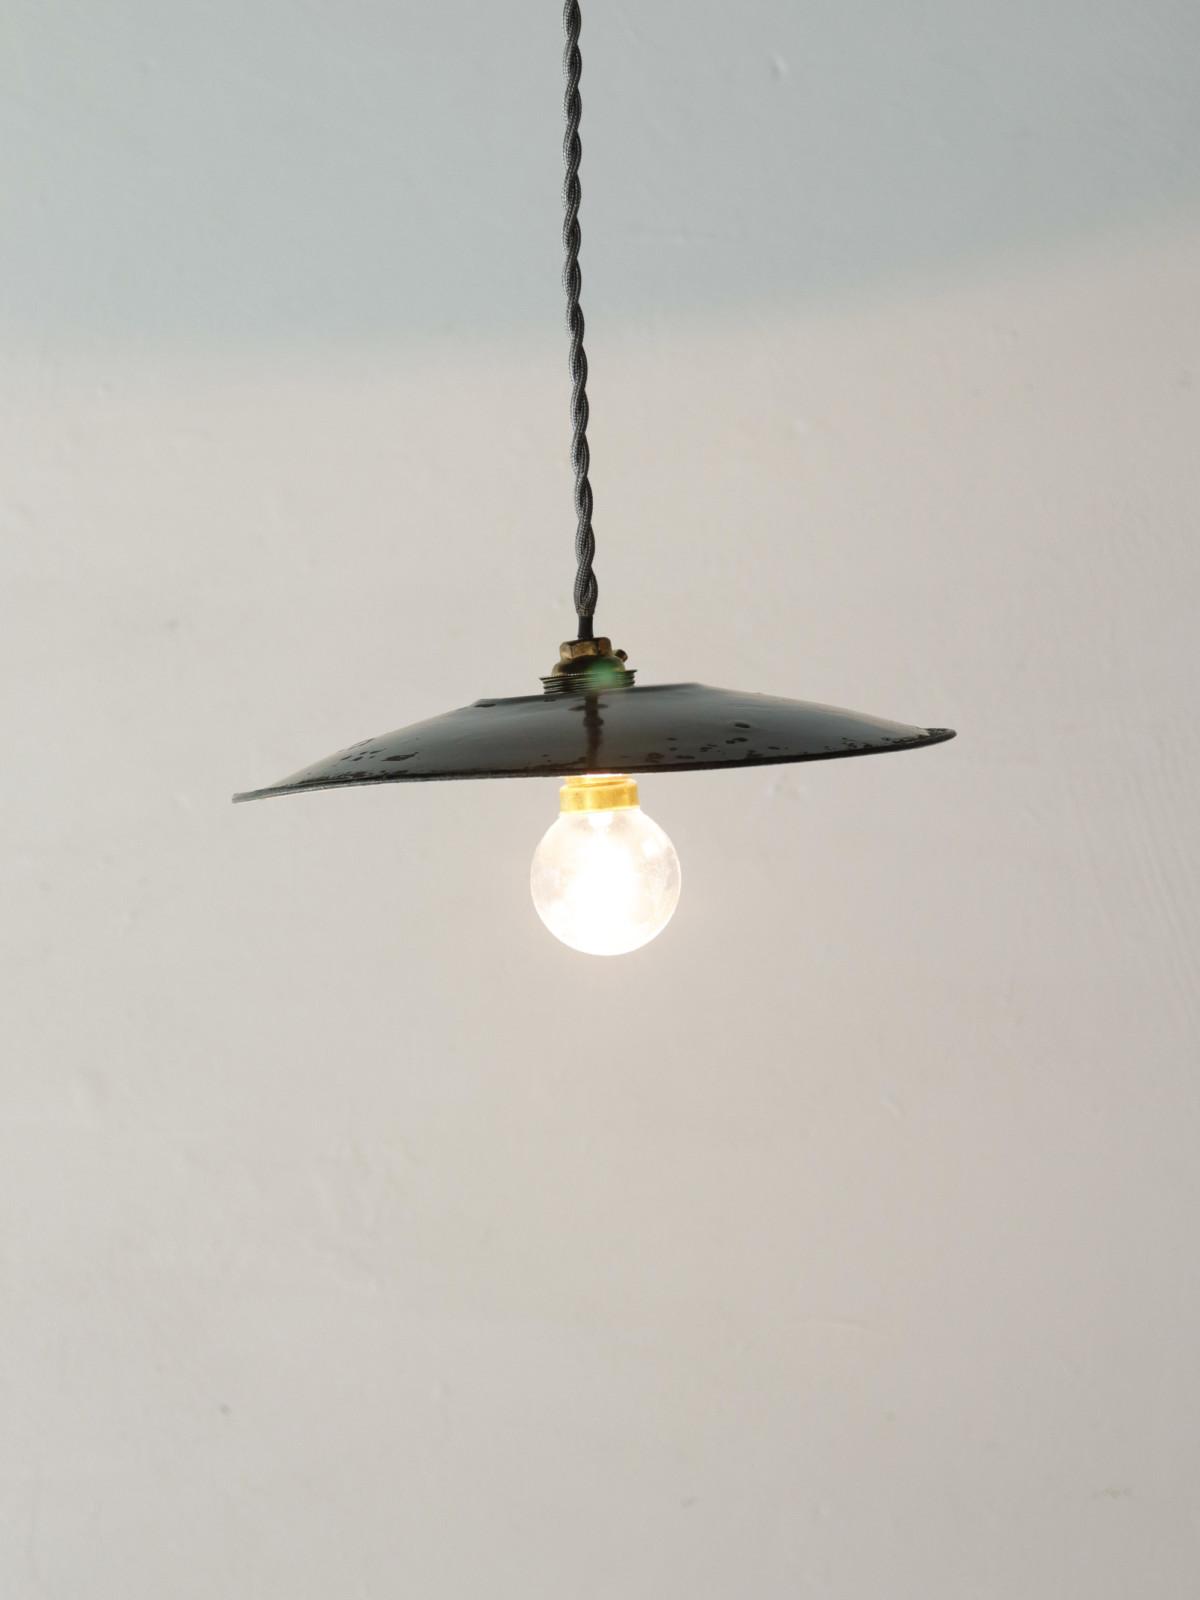 enamel lamp,France,Vintage